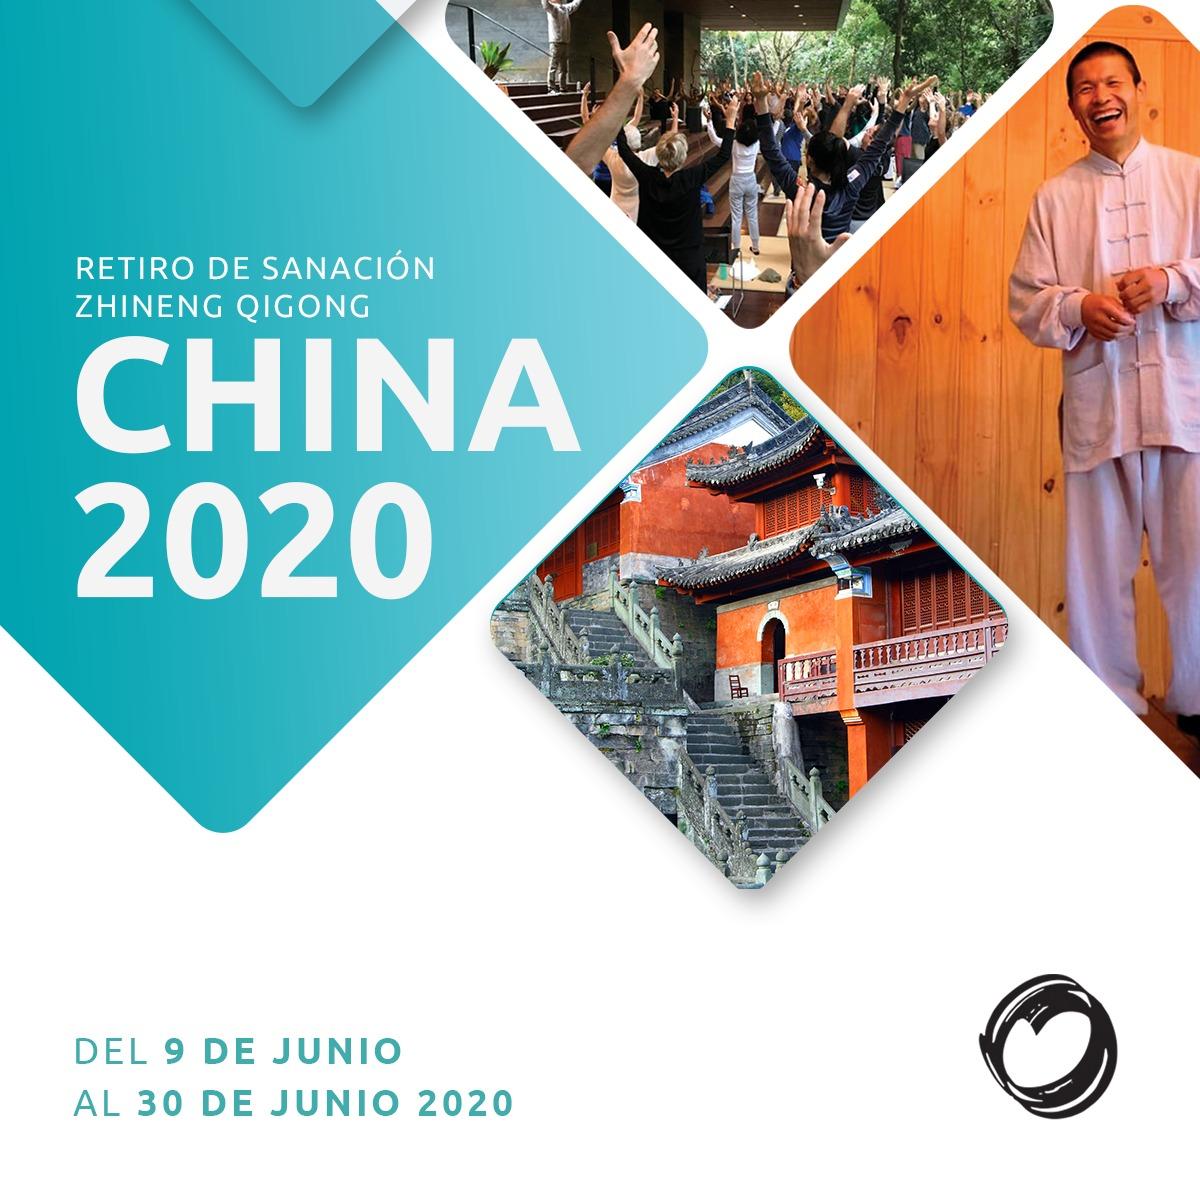 Retiro de Sanación en China Junio 2020